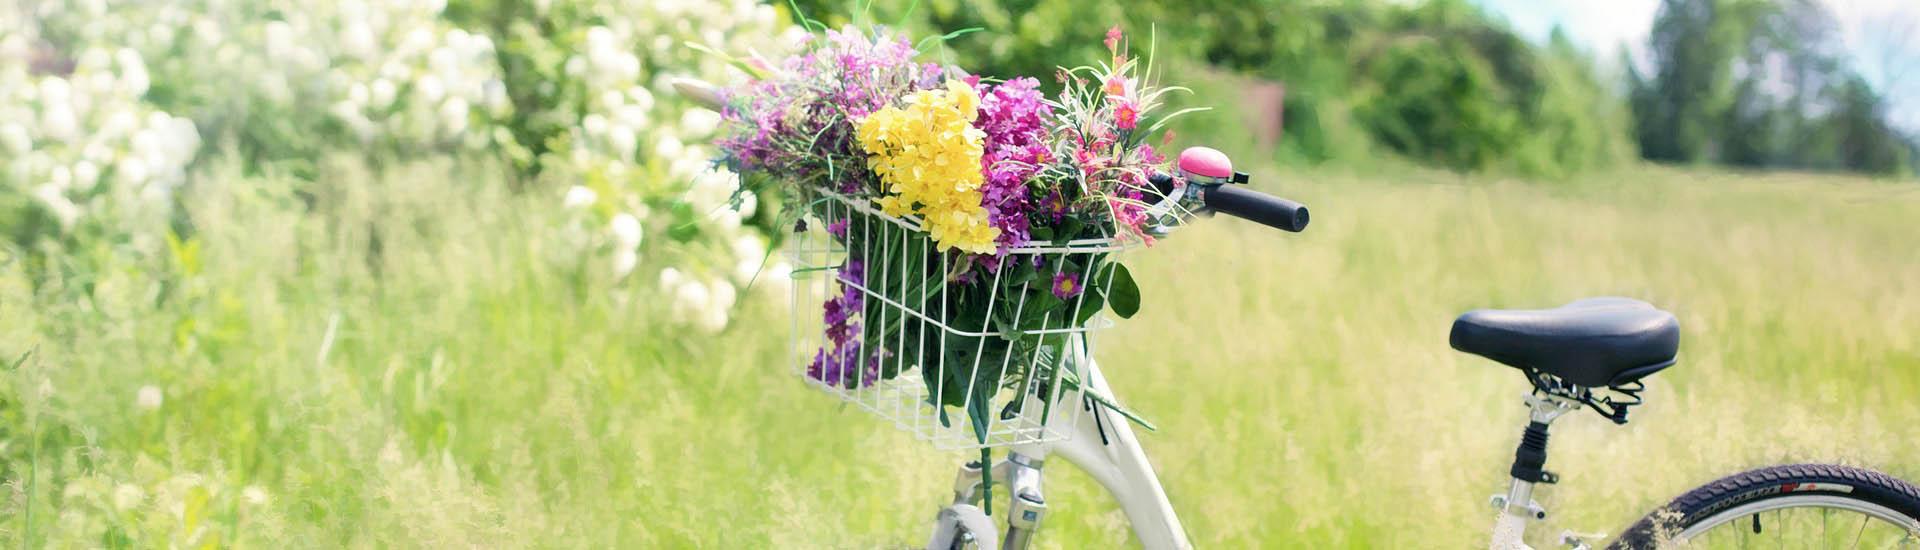 Ciclolab negozio di bici a Roma - slider homepage_3